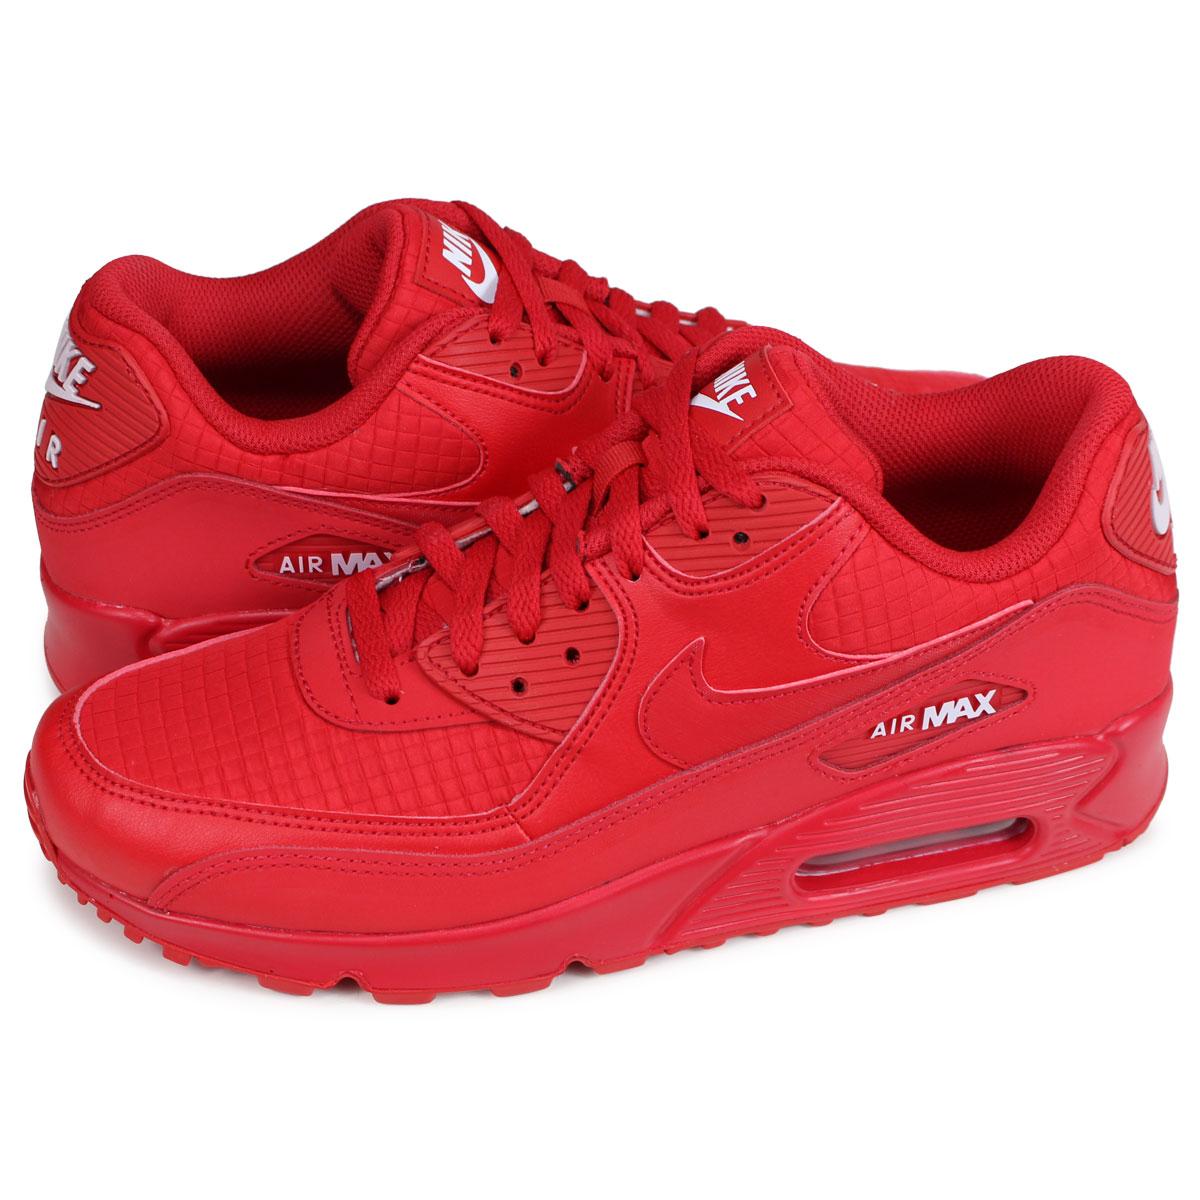 Nike NIKE Air Max 90 essential sneakers men gap Dis AIR MAX 90 ESSENTIAL red red AJ1285 602